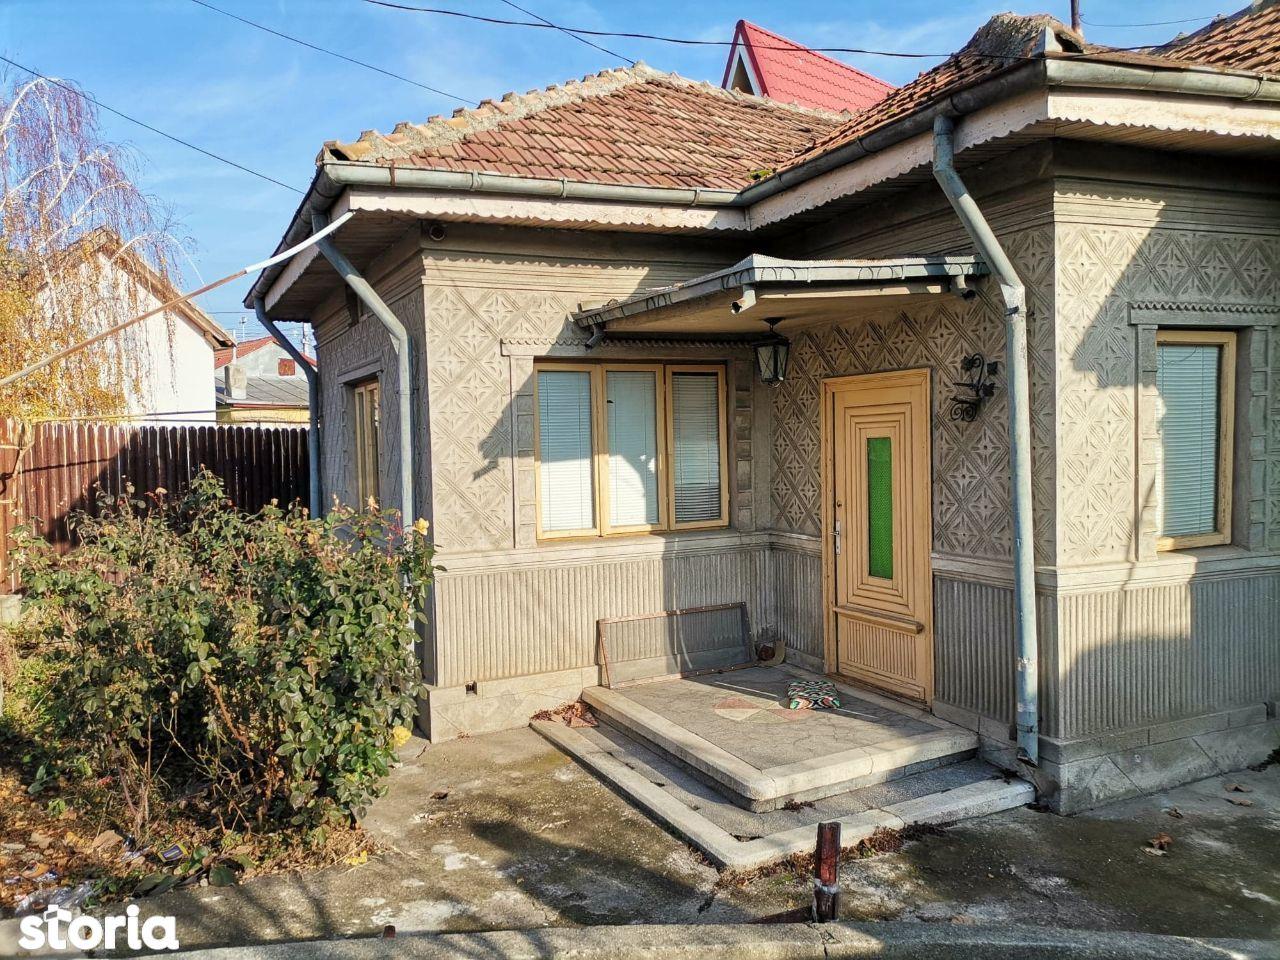 Casa 23 August